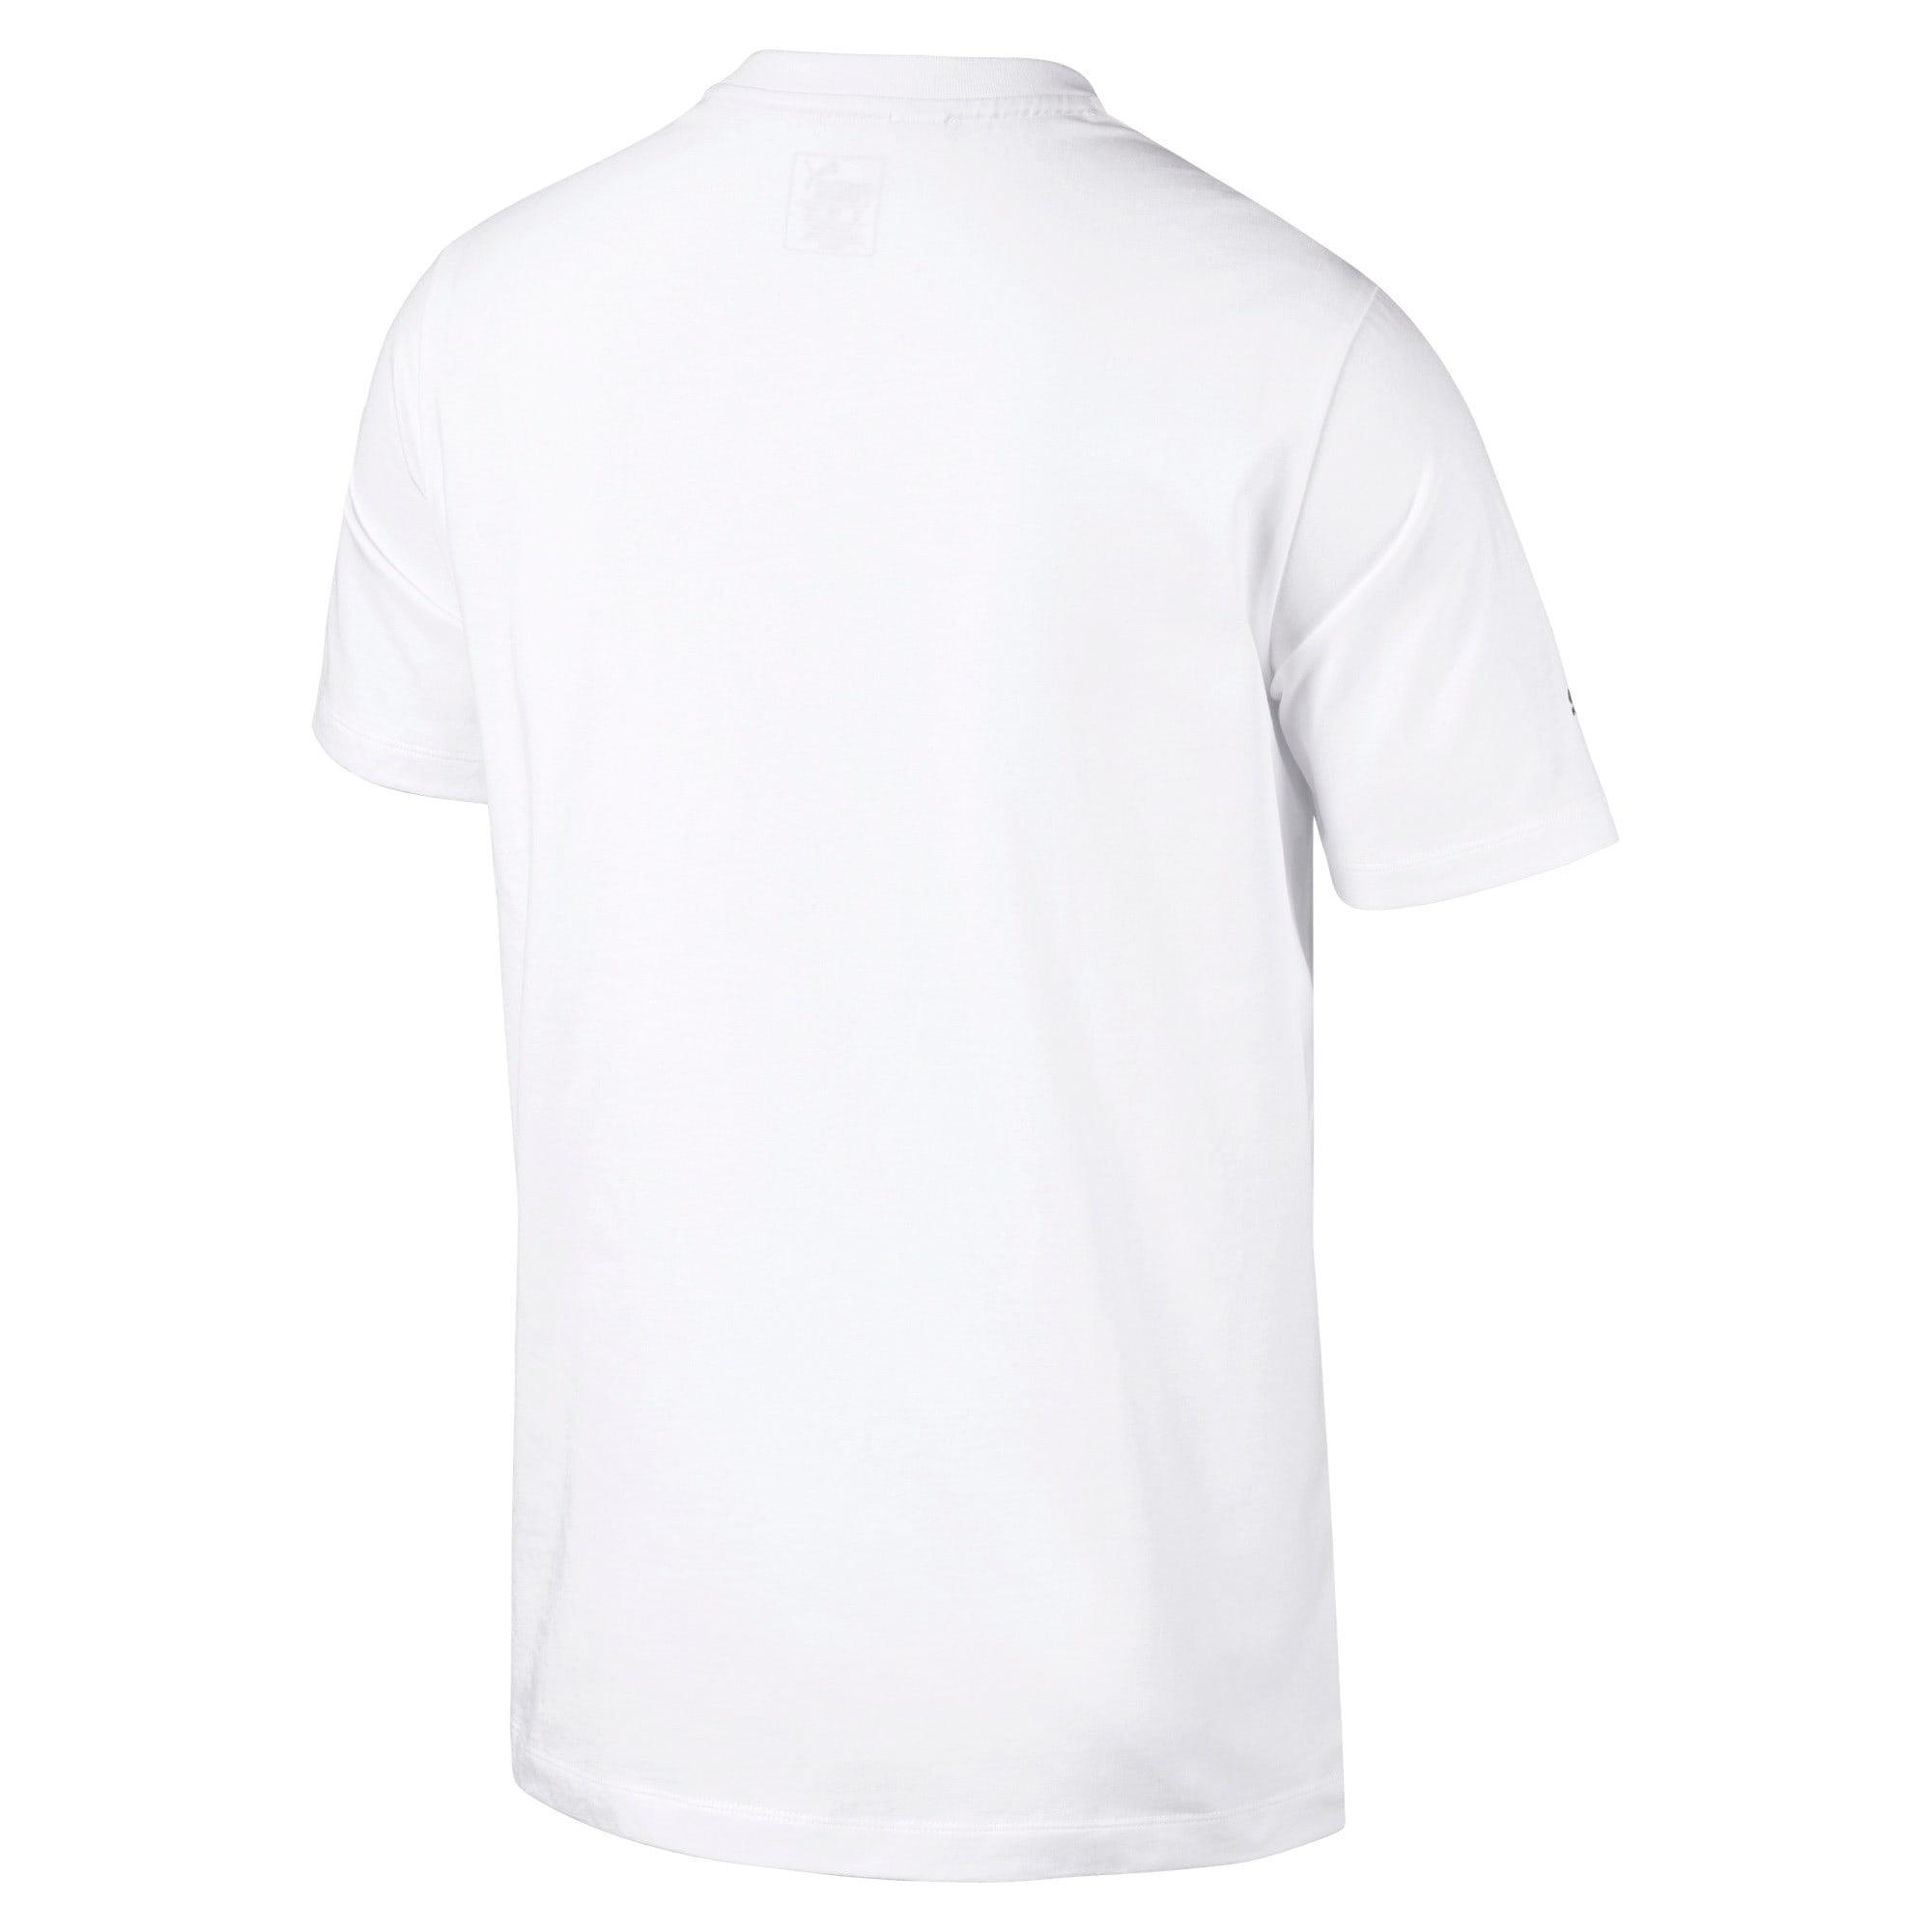 Thumbnail 4 of BMW M Motorsport Men's Logo T-Shirt, Puma White, medium-IND